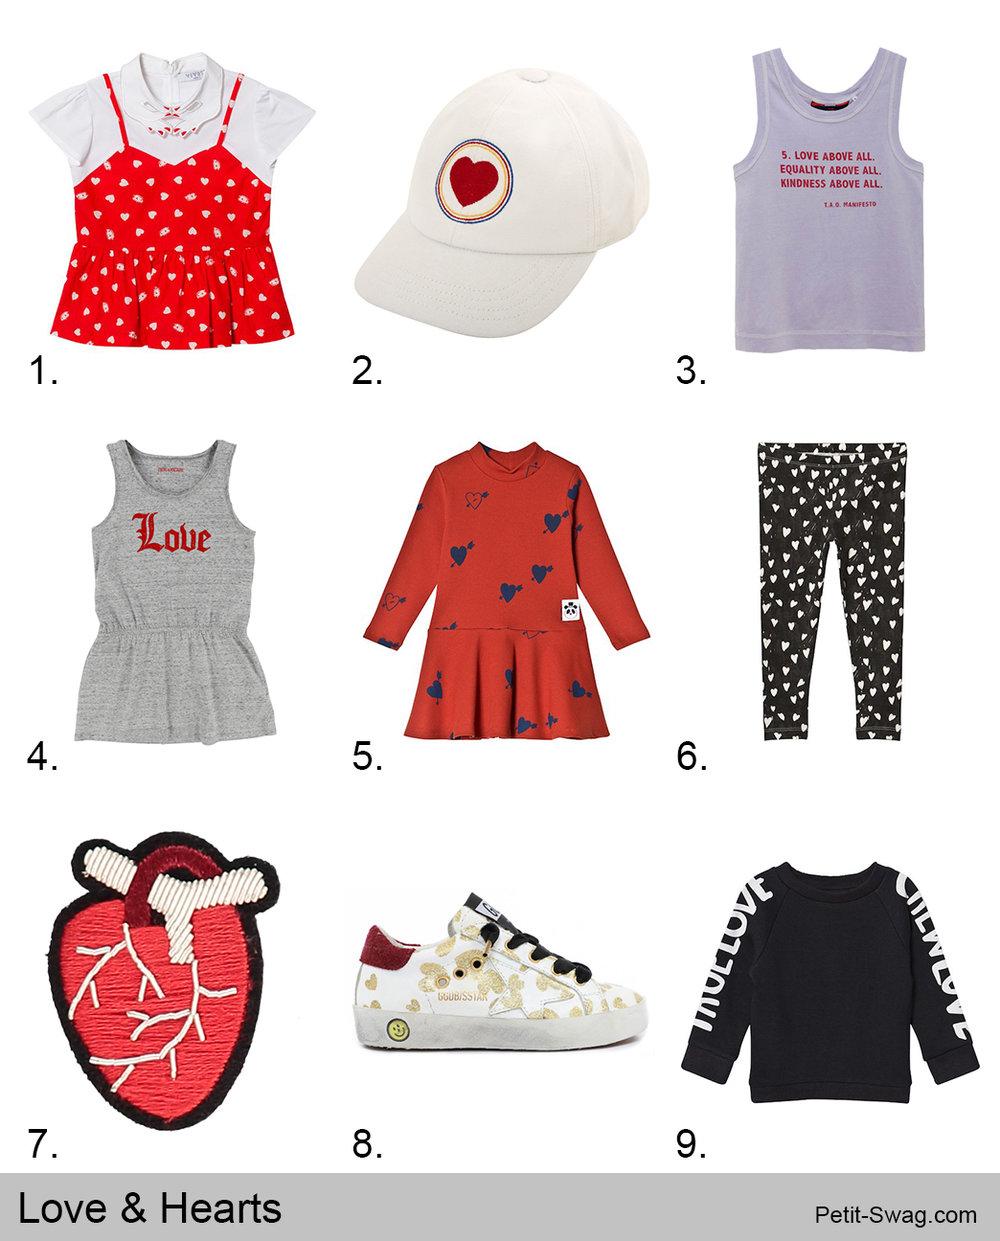 Love & Hearts | Petit-Swag.com